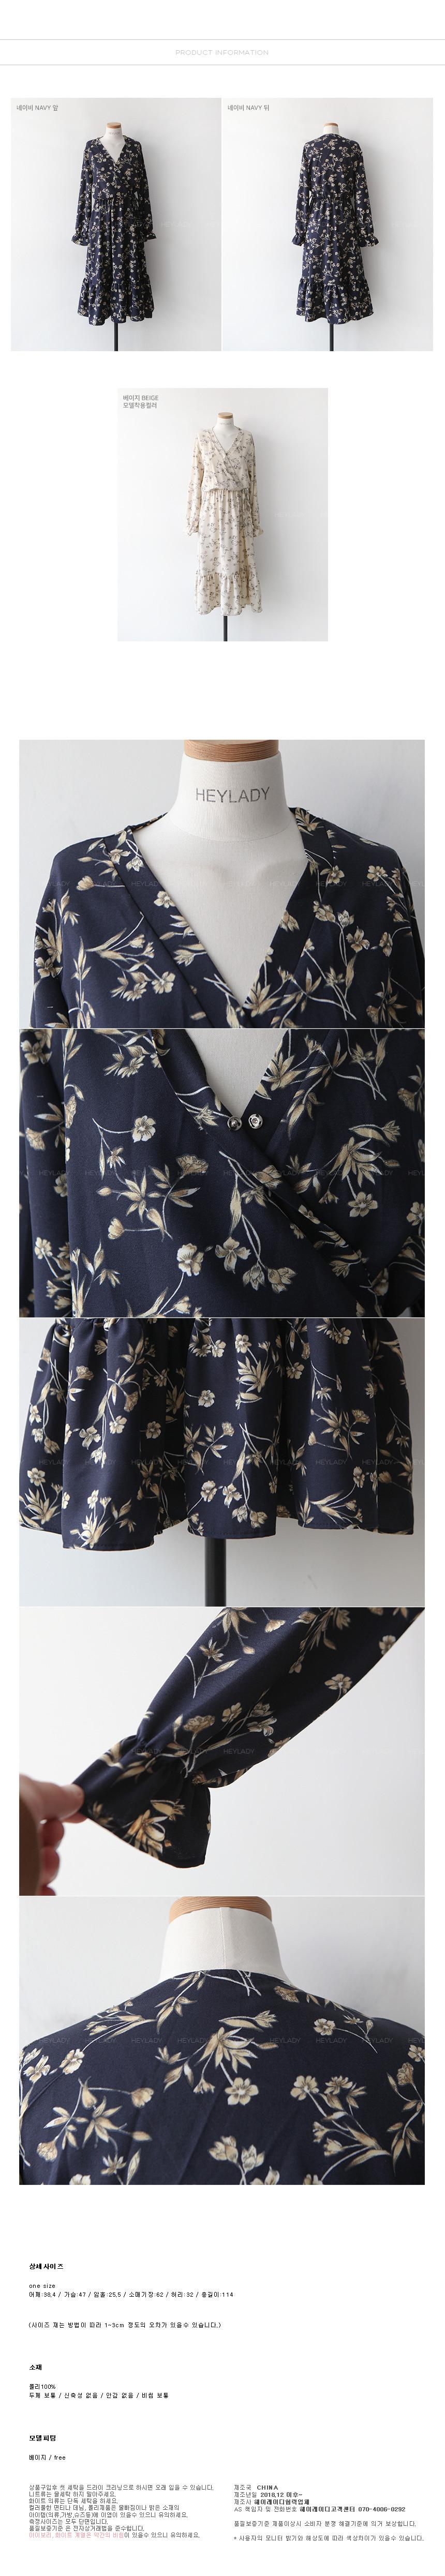 Mangosteen ruffle dress